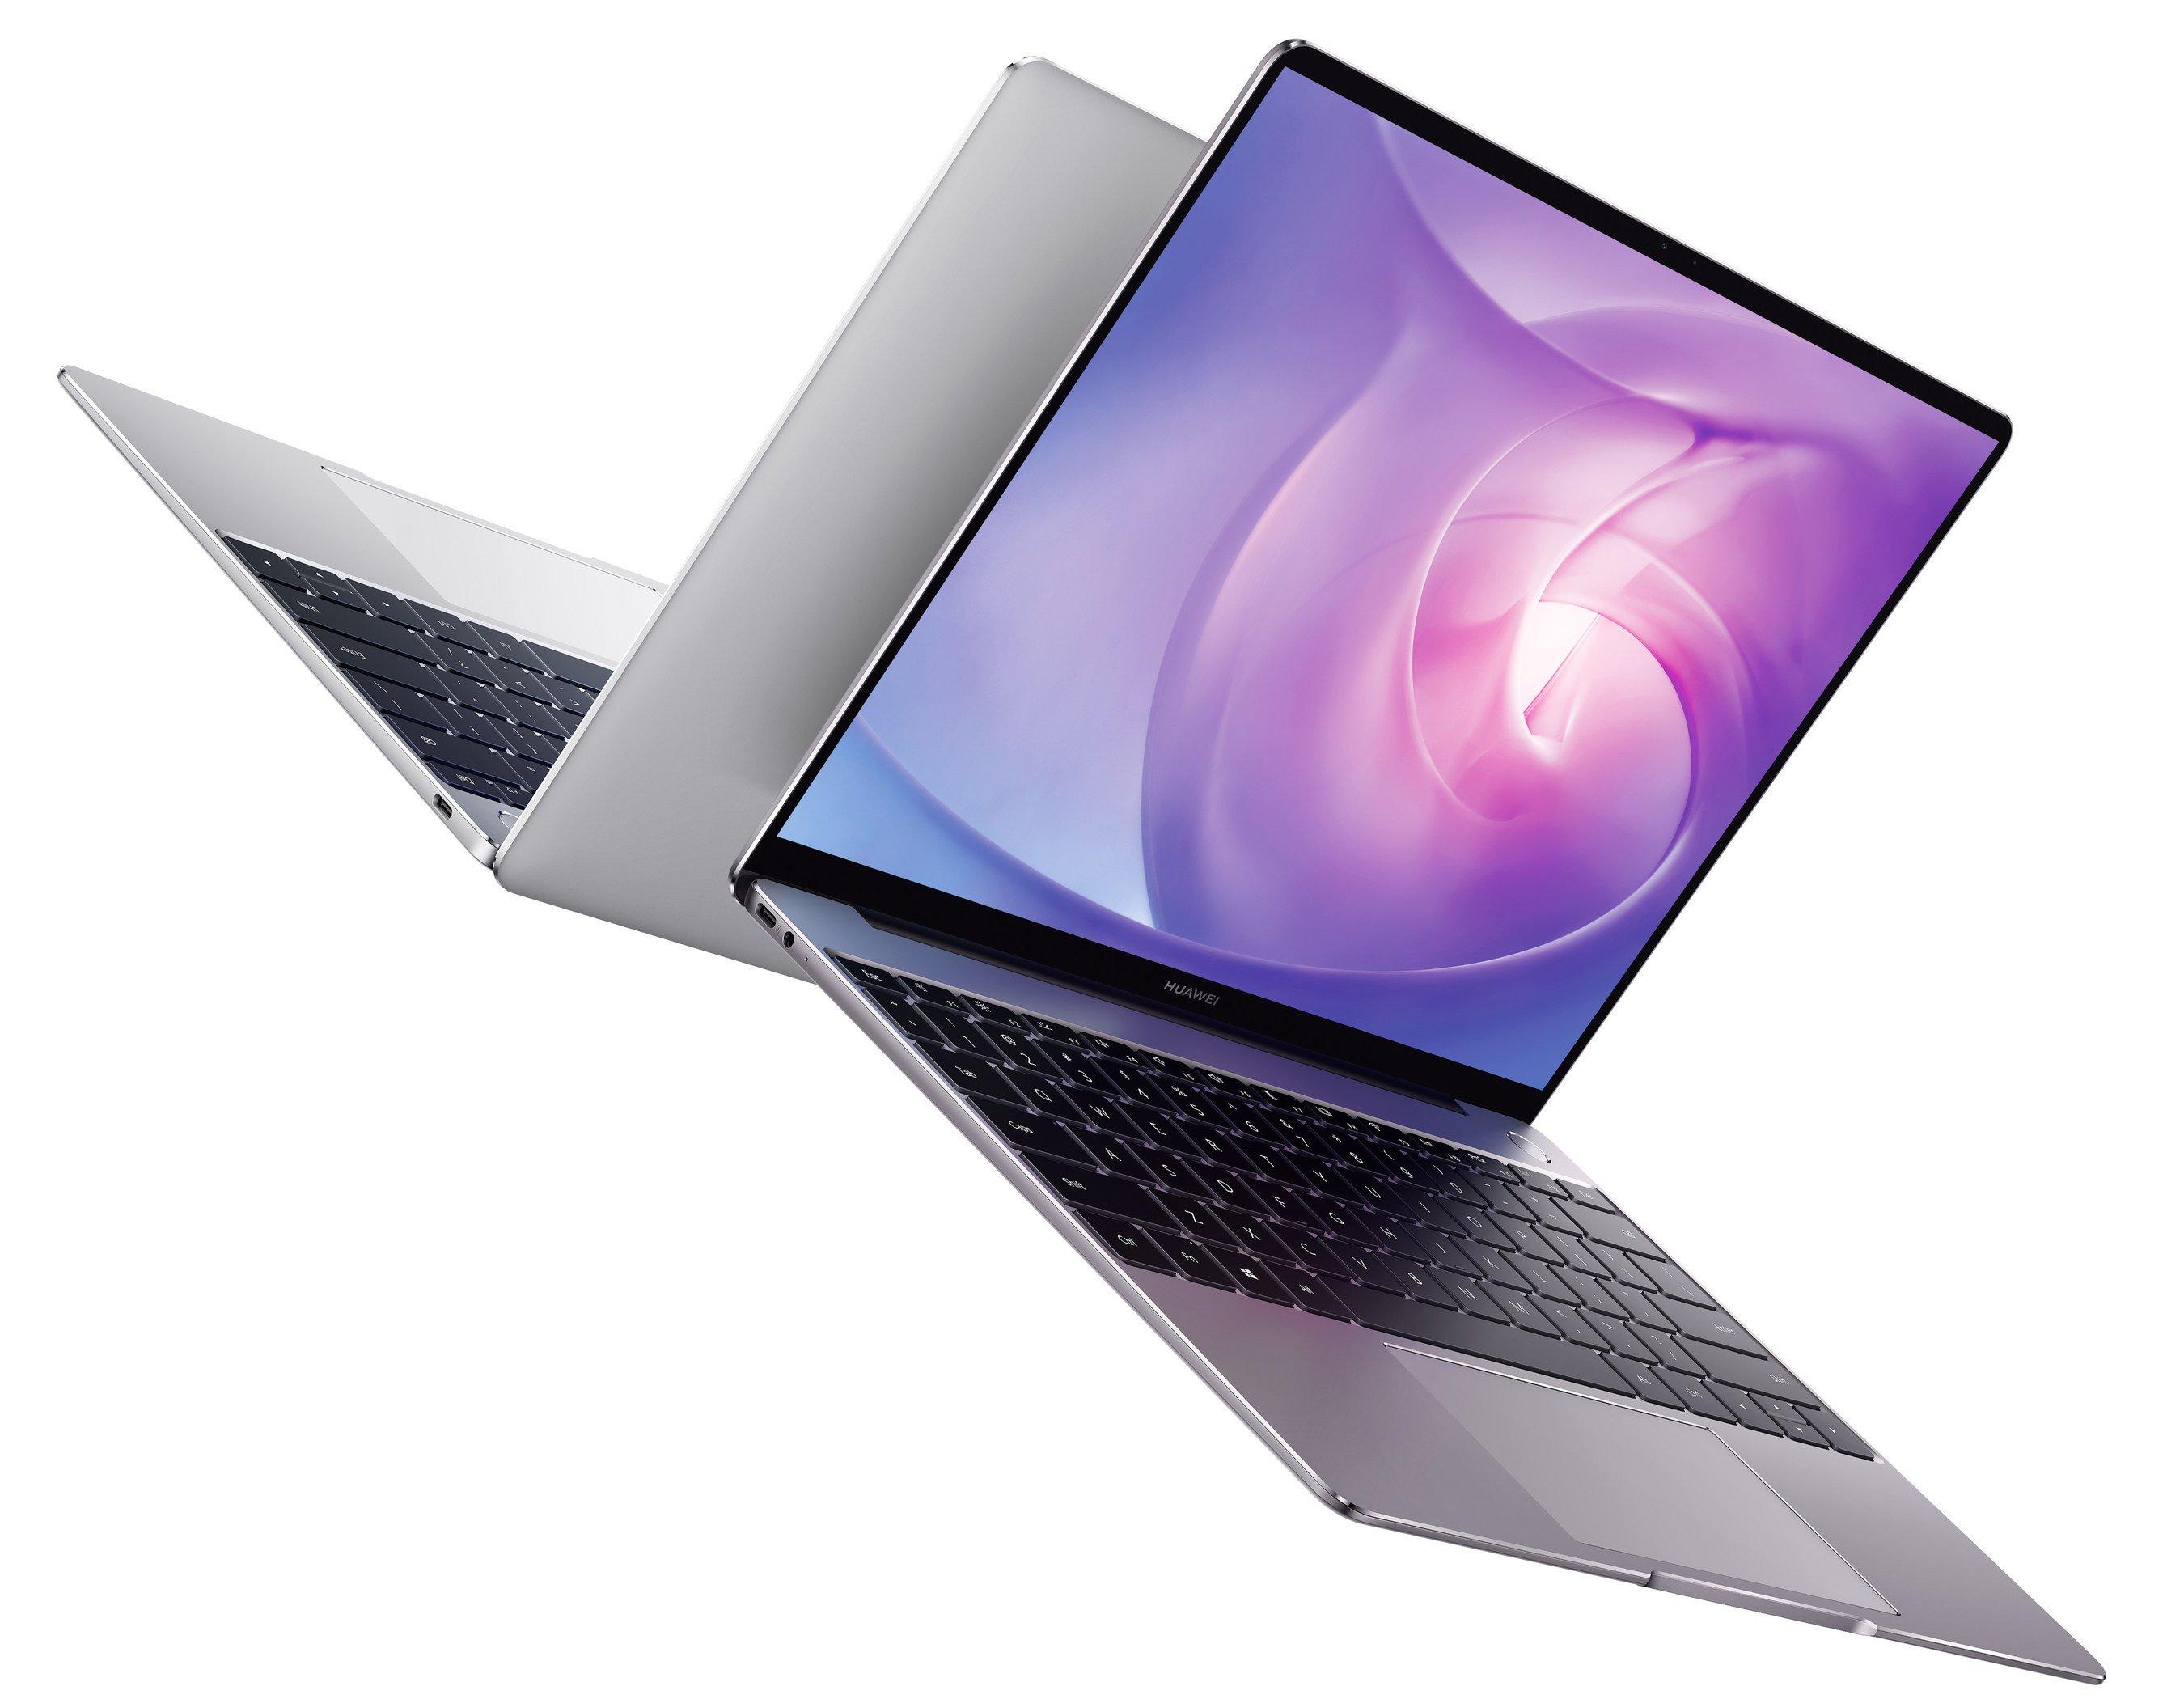 Đang tải Huawei-Matebook-13.jpg…